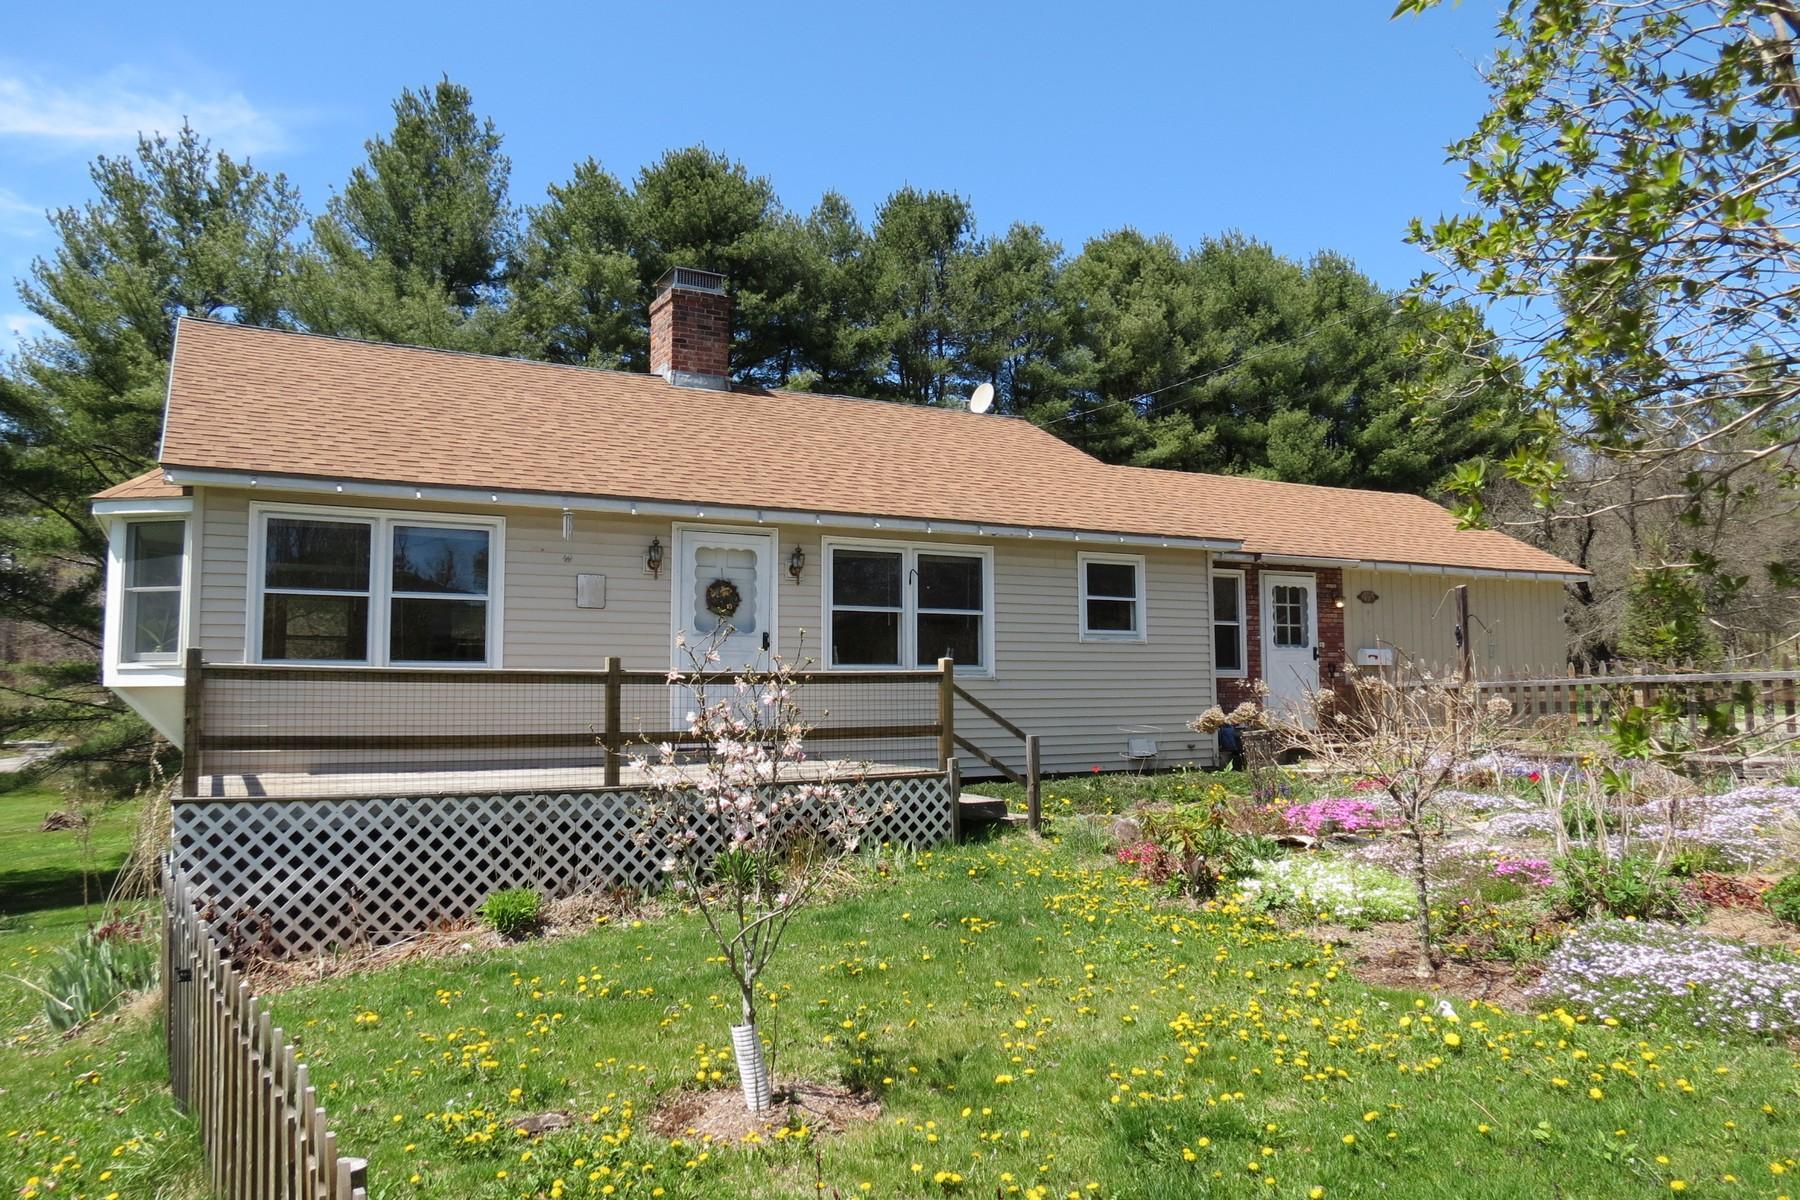 独户住宅 为 销售 在 165 Williams Street, Londonderry 伦敦德里郡, 佛蒙特州, 05148 美国